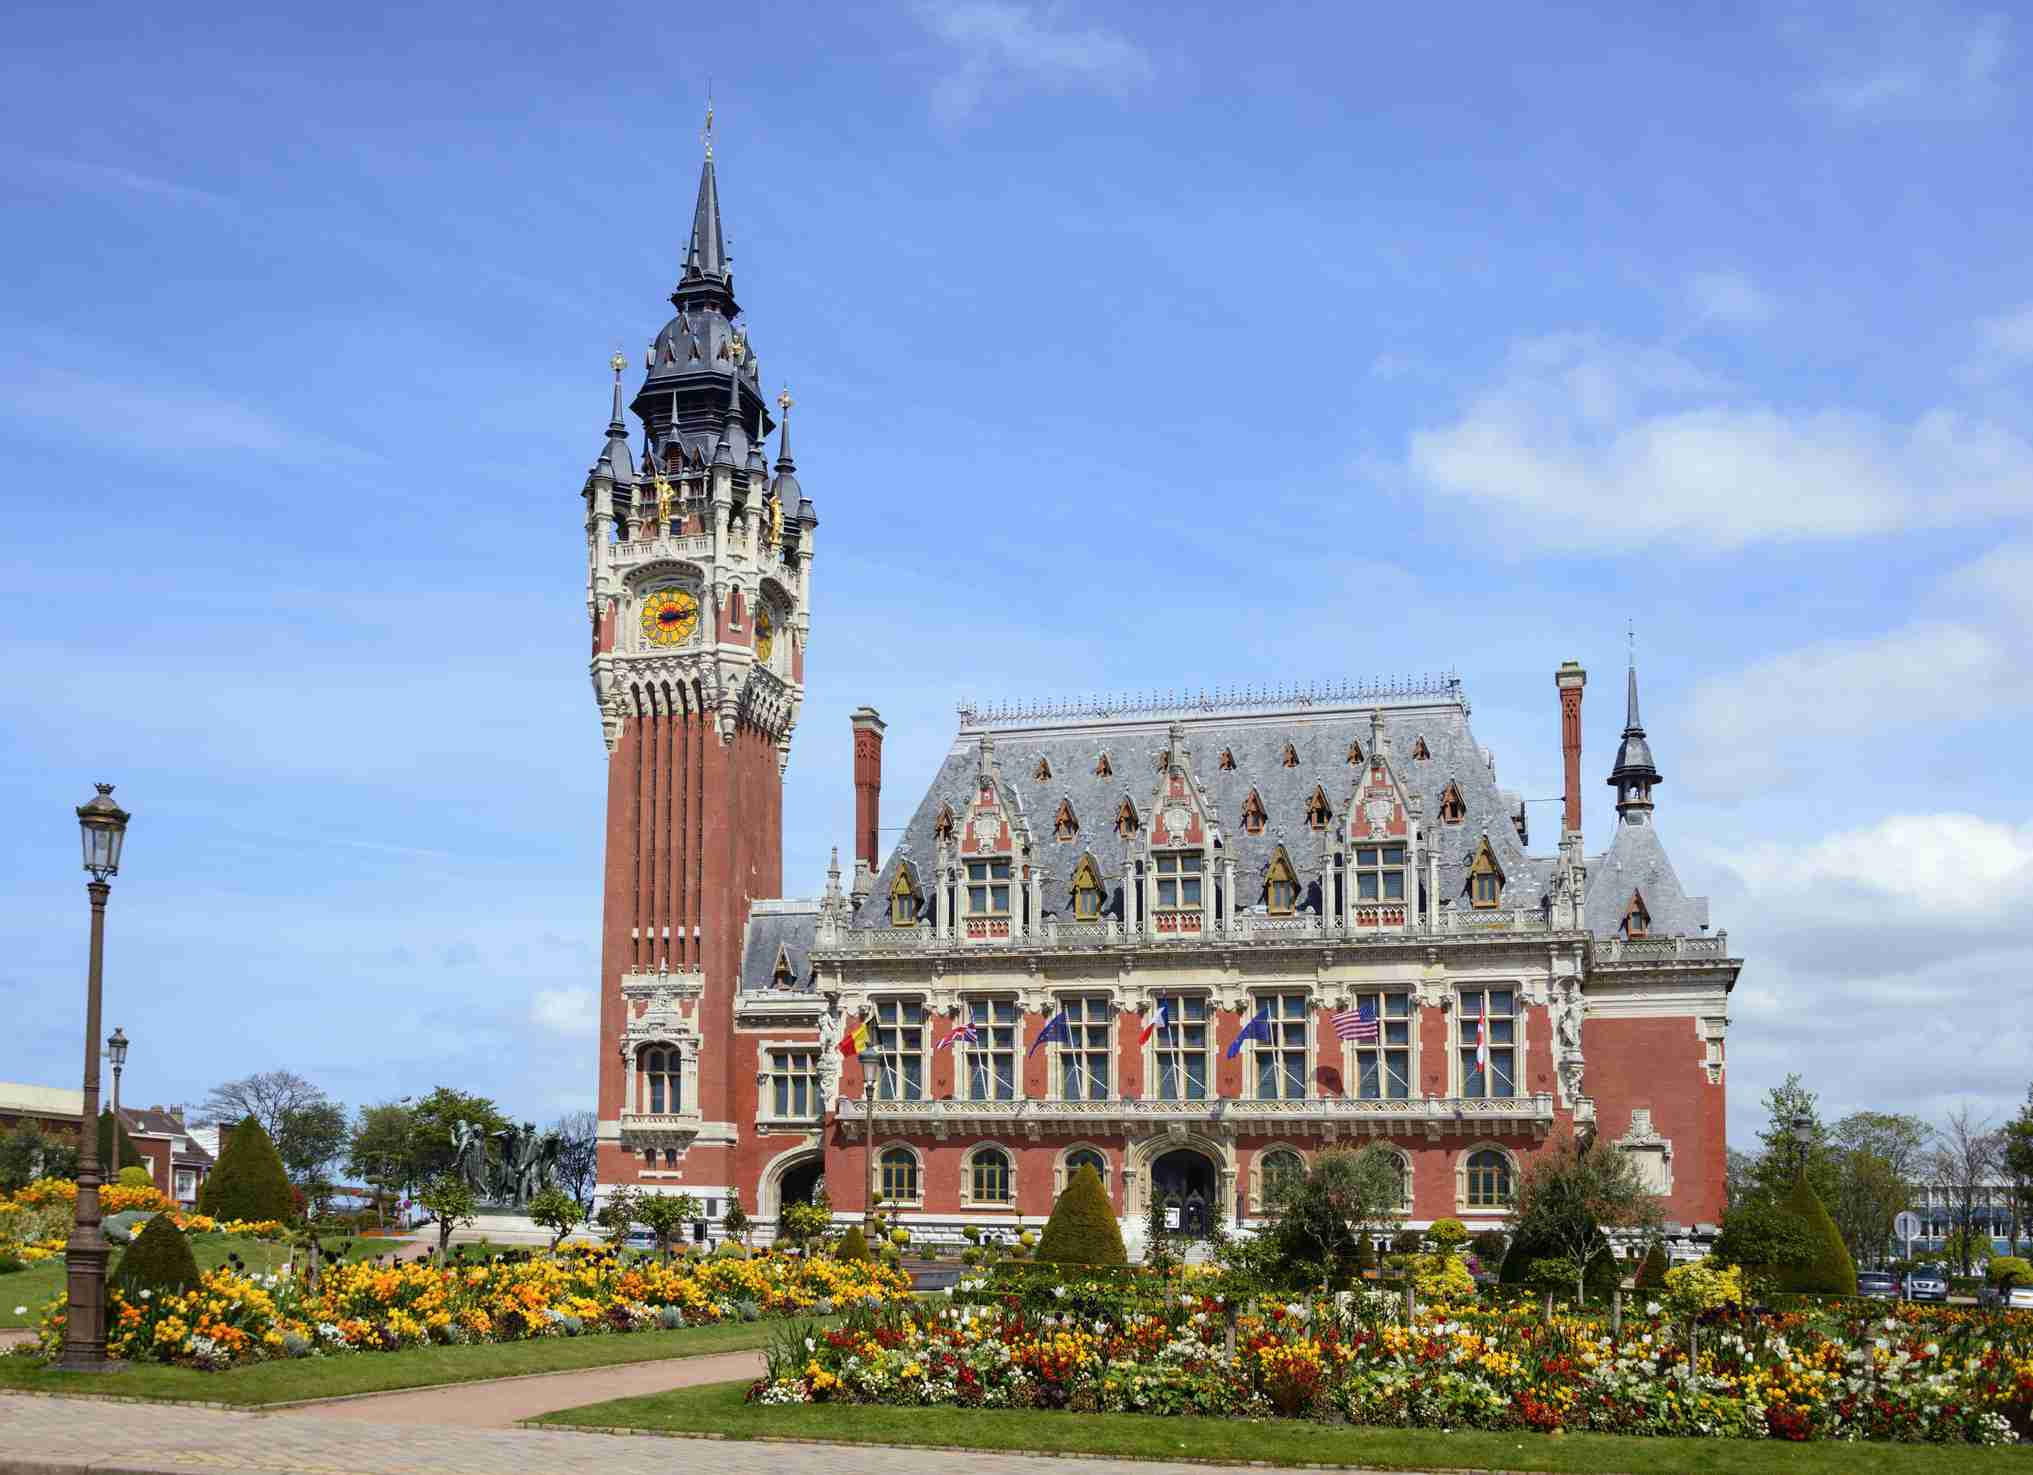 Town Hall, Calais, France